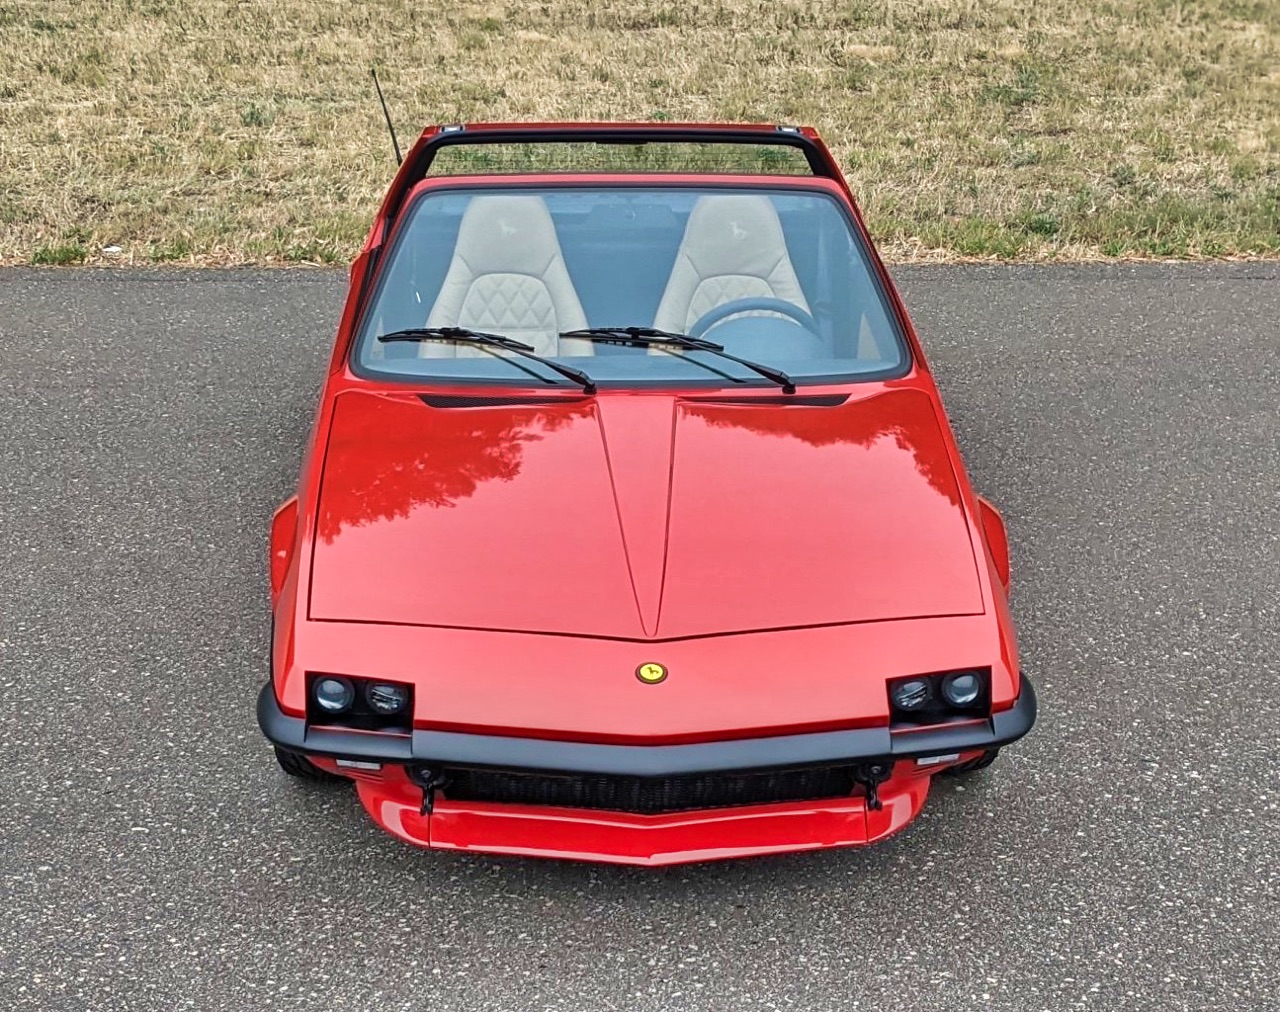 Fiat X1/9 Vtec - Restomod... al dente ! 1